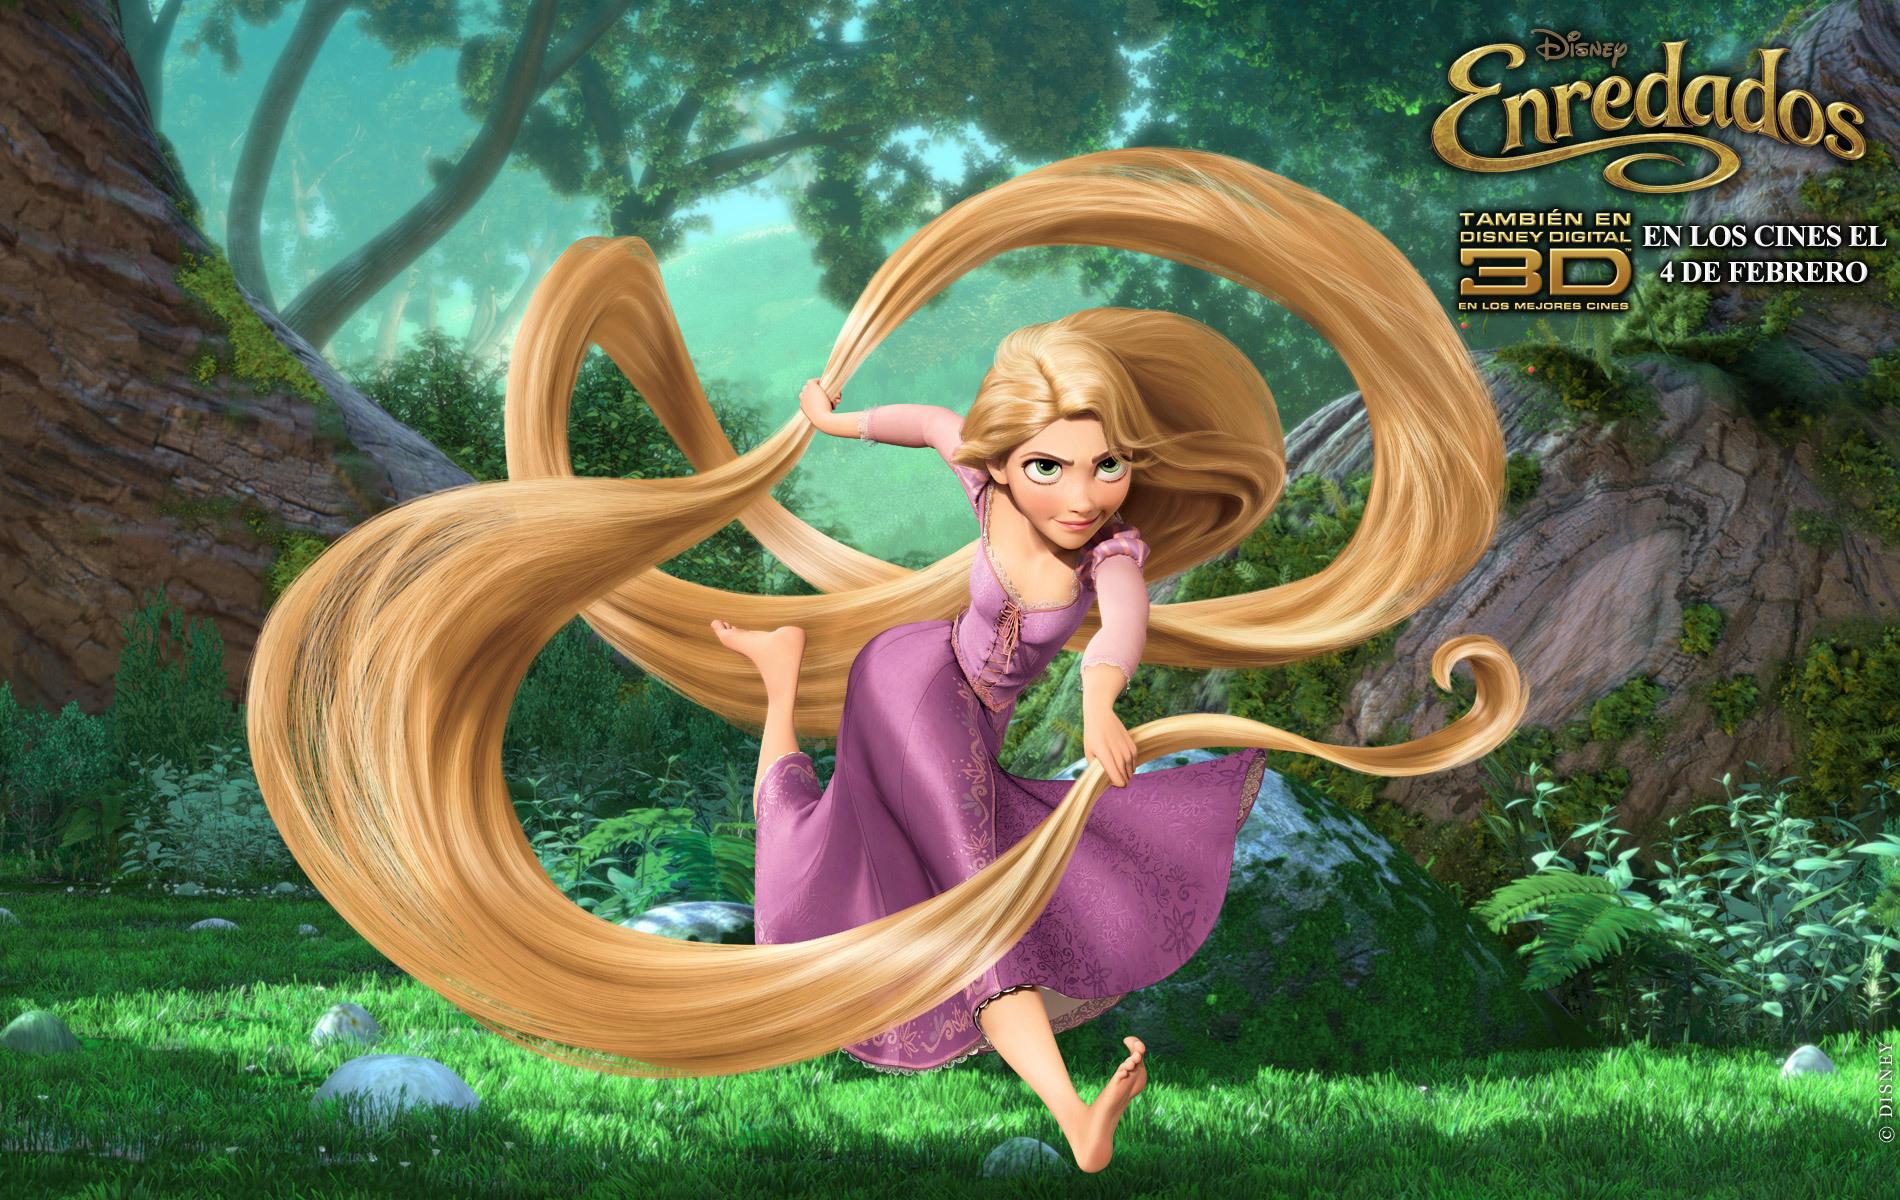 Rapunzel Of Disney Princesses Images Rapunzel Wallpaper Hd Wallpaper